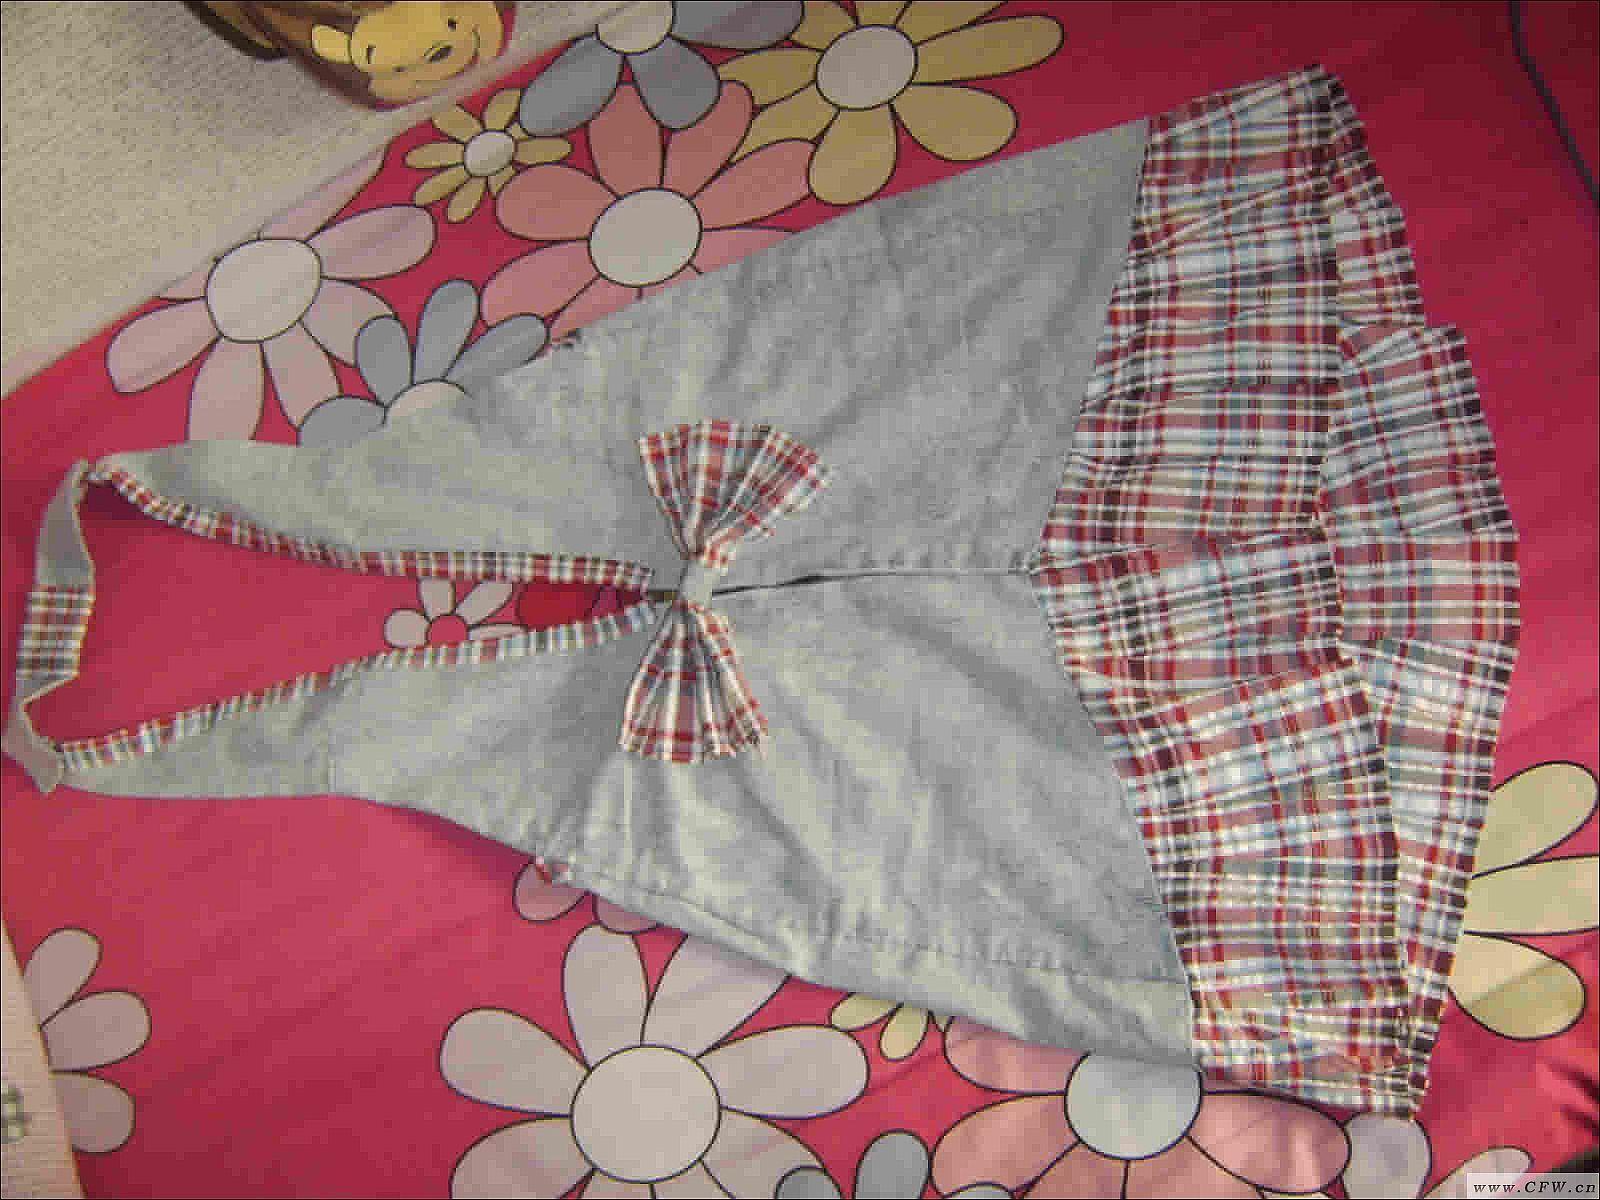 改造旧衣服作品-改造旧衣服款式图